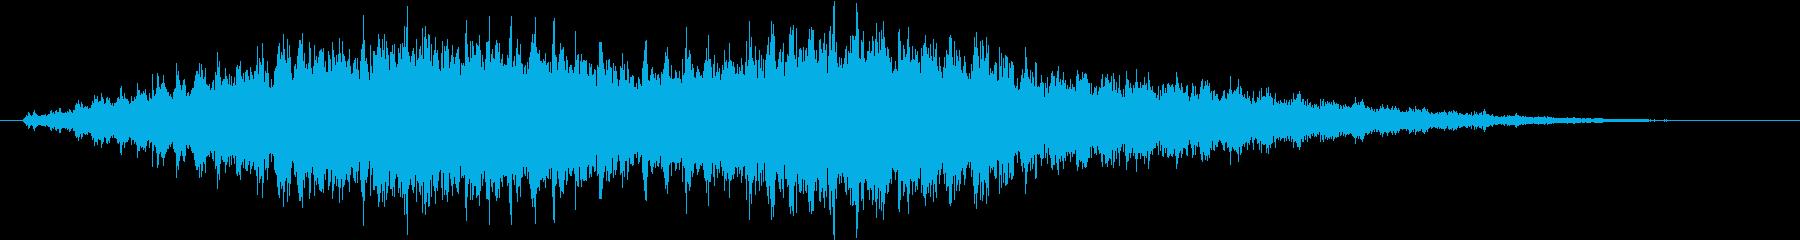 音侍SE「フルフル〜」重めな振り鈴R-Lの再生済みの波形